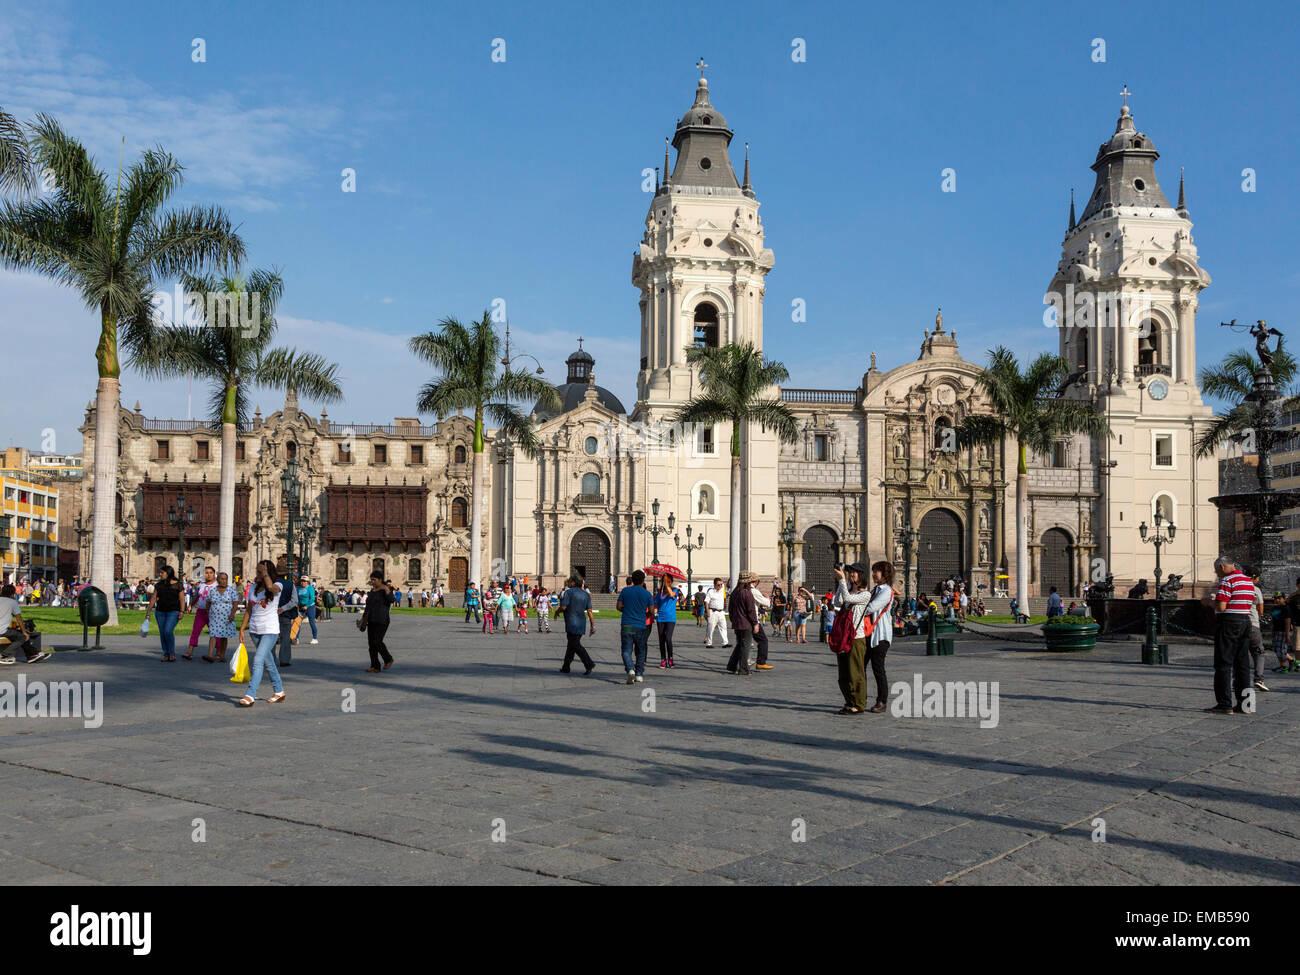 Lima, Perù. Cattedrale e Palazzo Arcivescovile, Plaza de Armas. Immagini Stock